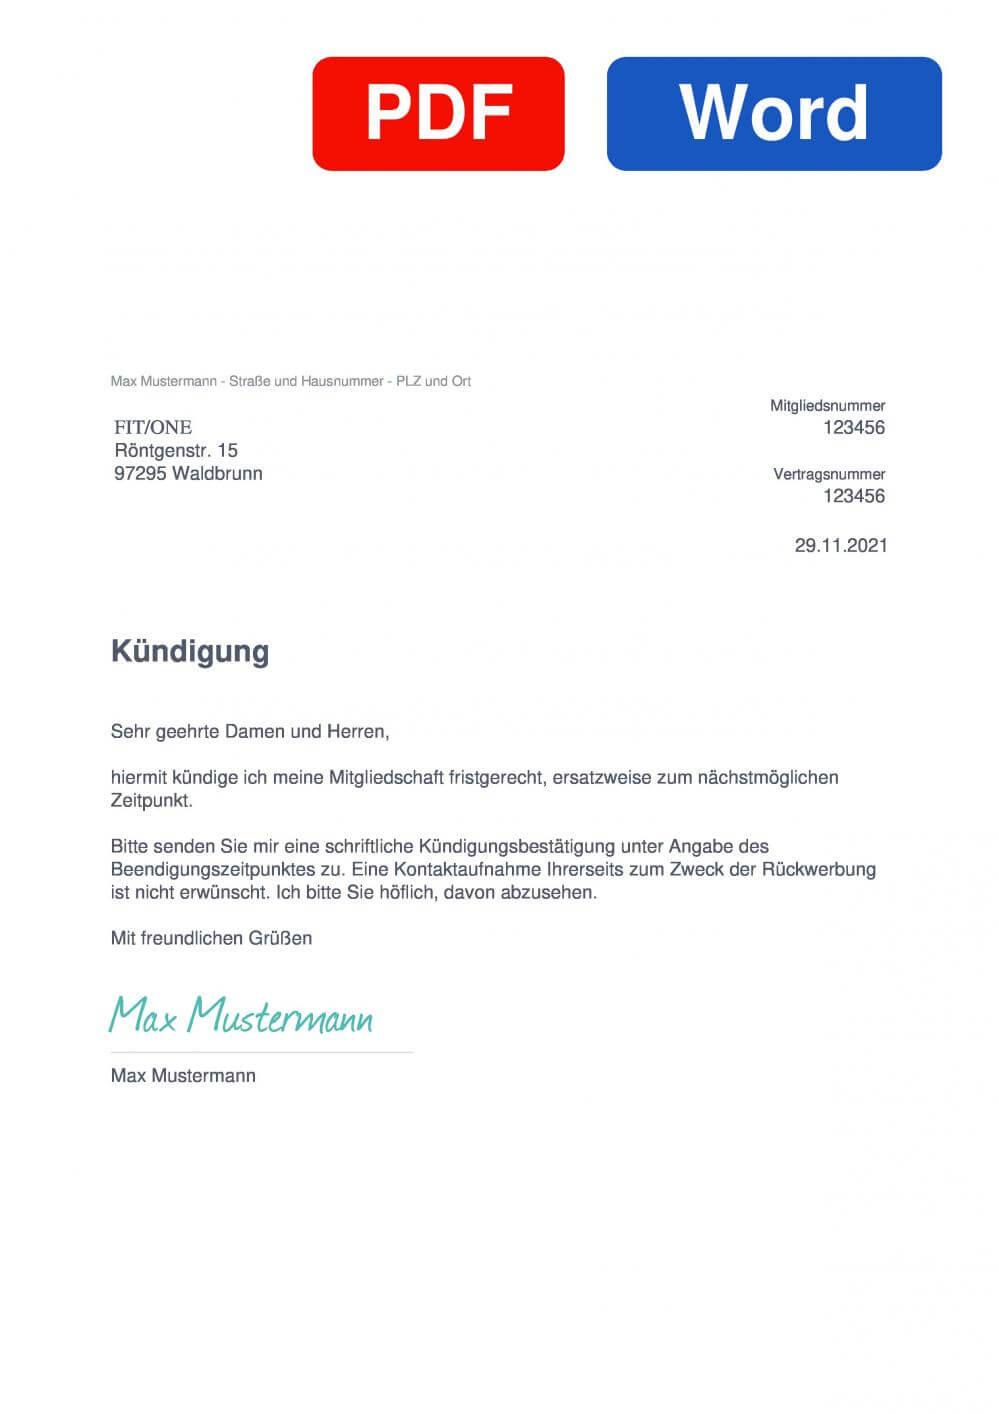 FIT/ONE Muster Vorlage für Kündigungsschreiben